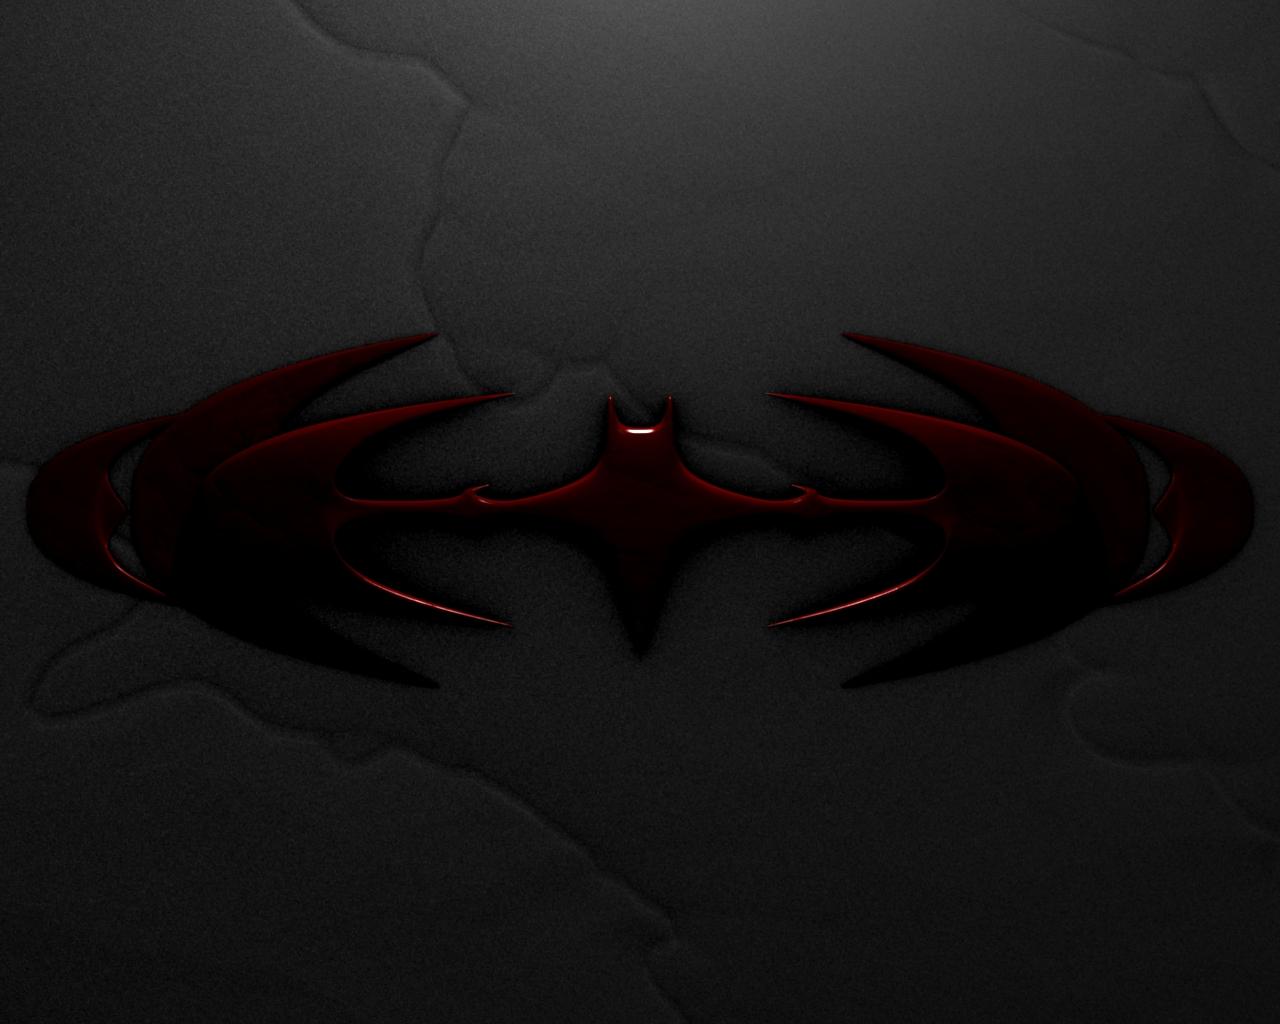 http://fc06.deviantart.com/fs32/f/2008/200/c/4/Batman_wallpaper_fs_by_TheTrueDarkOtaku.jpg